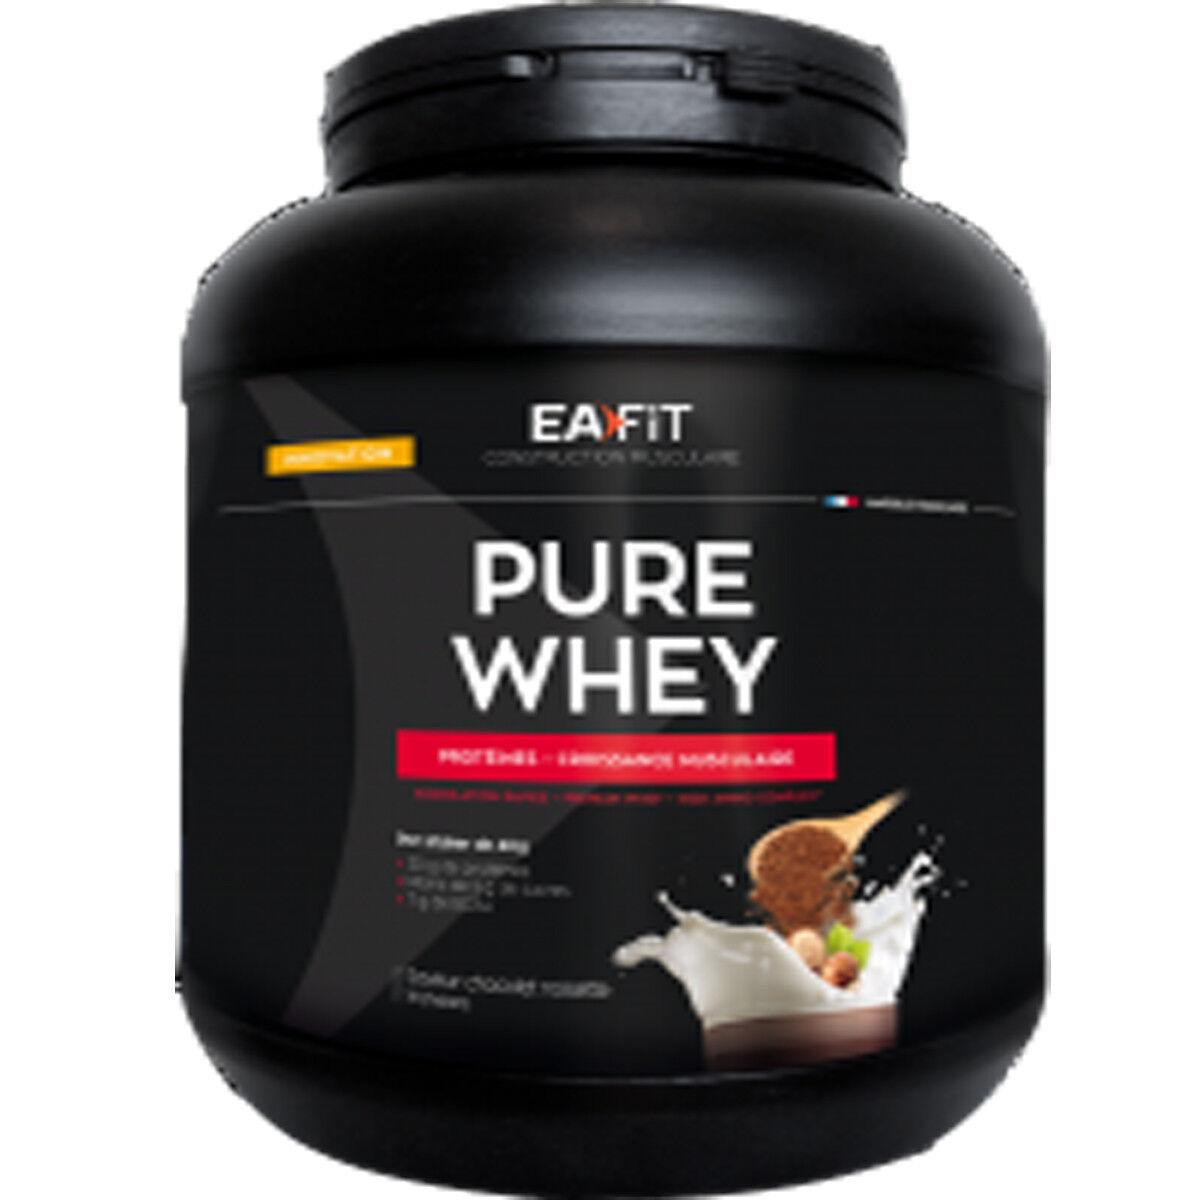 Eafit pure whey saveur chocolat noisette 750 g